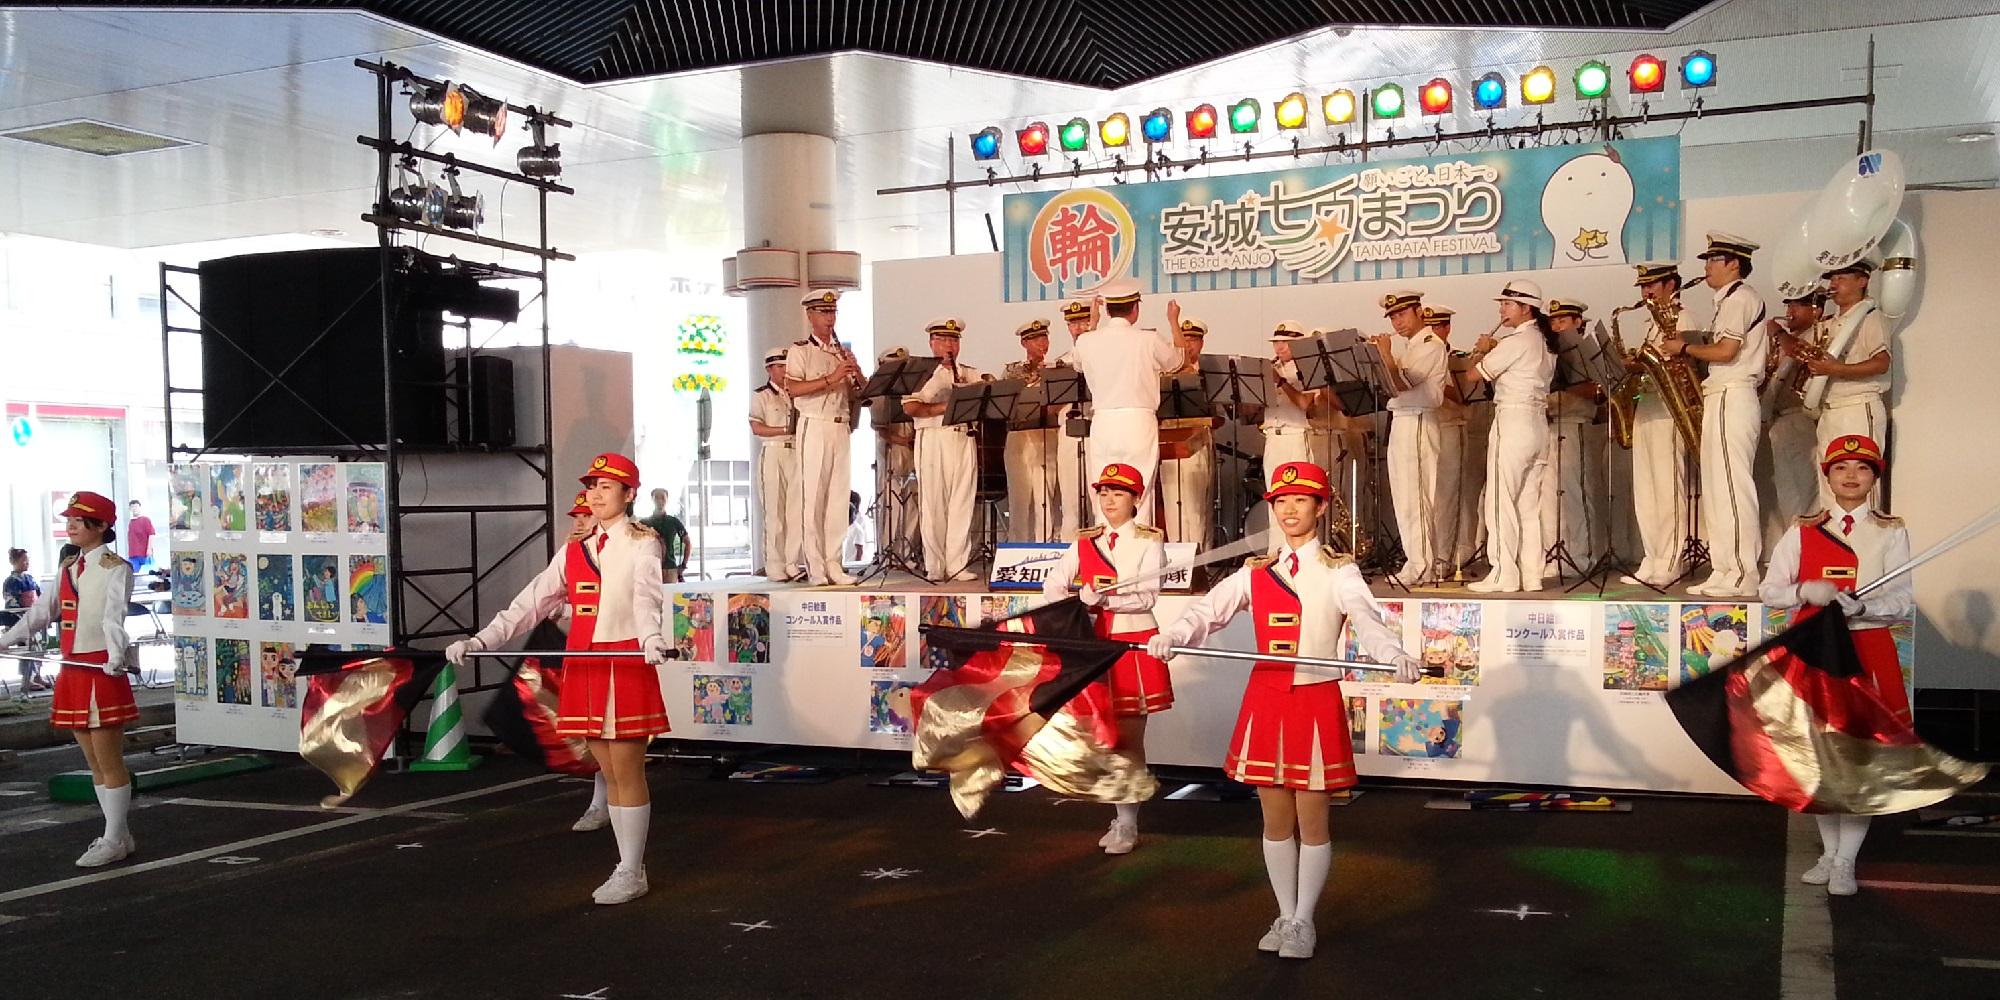 20160807_151506  あんじょうたなばたまつり - 愛知県警察音楽隊 (15) スーサ 2000-1000